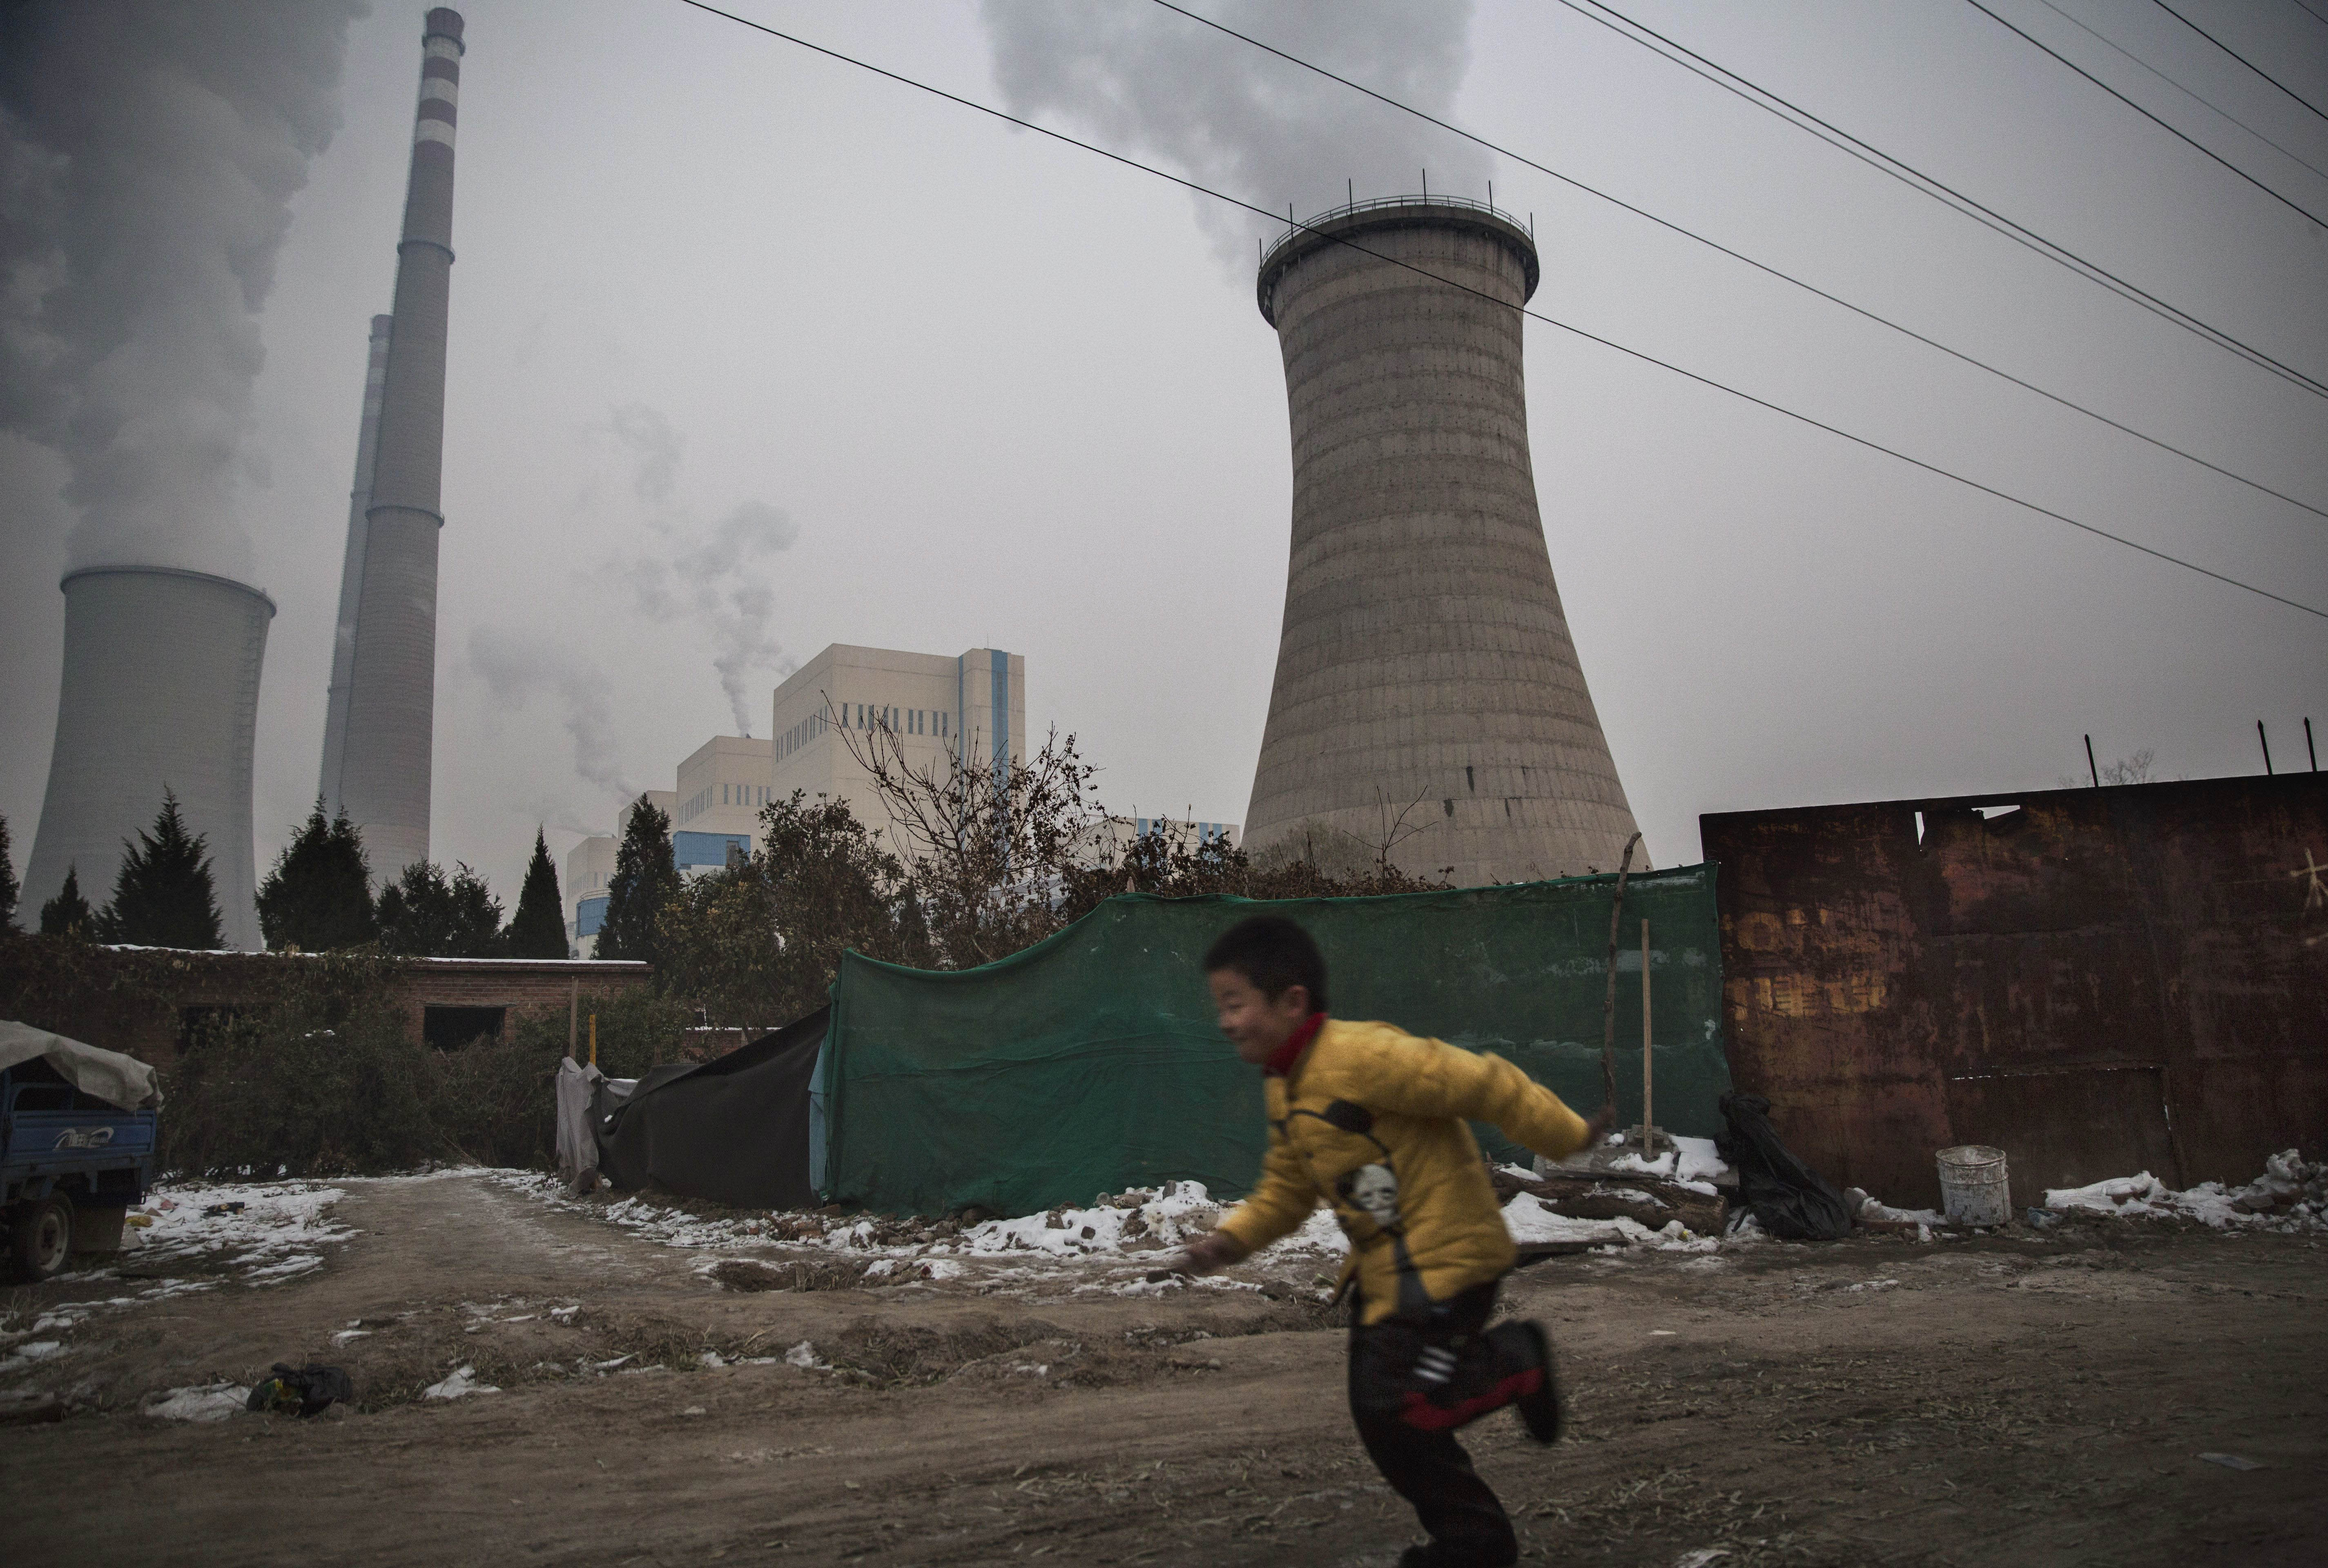 Ha fel akarunk lépni a klímaváltozás ellen, elsősorban nem az egyes embereket kellene zaklatnunk, hogy éljenek máshogyan